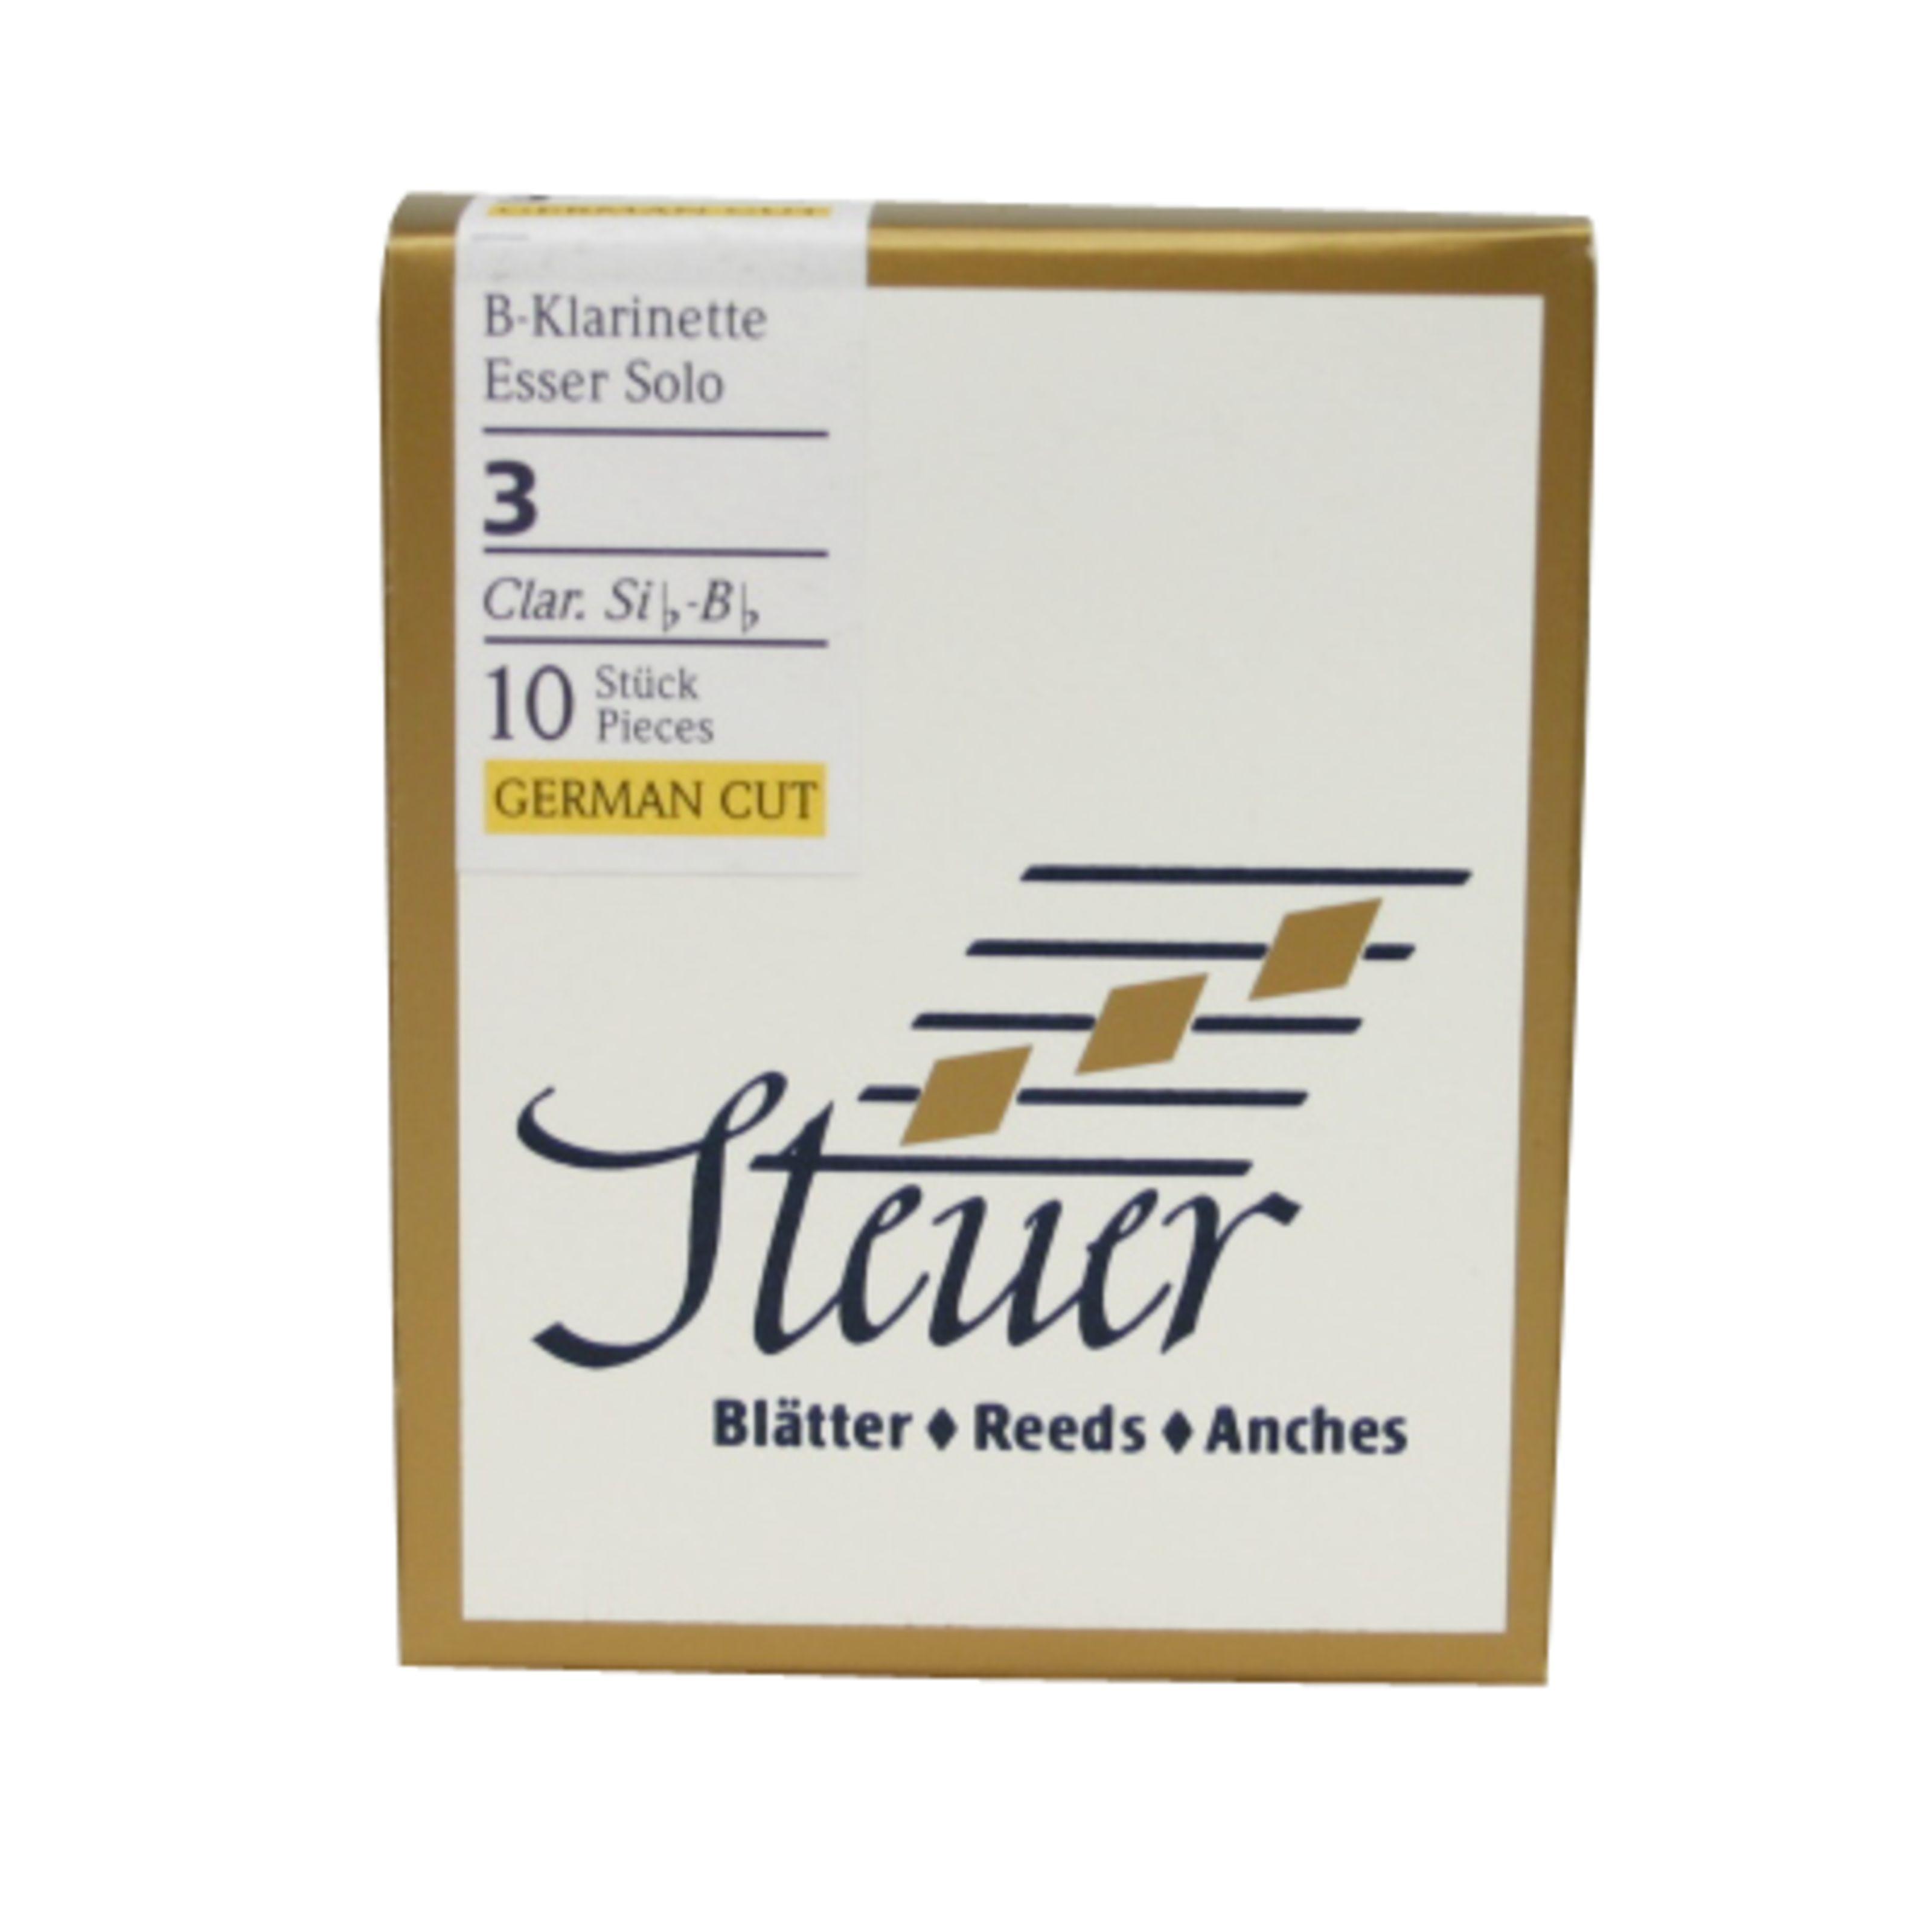 Steuer - Esser Solo Bb-Klarinette 2 White Line 10 Blätter